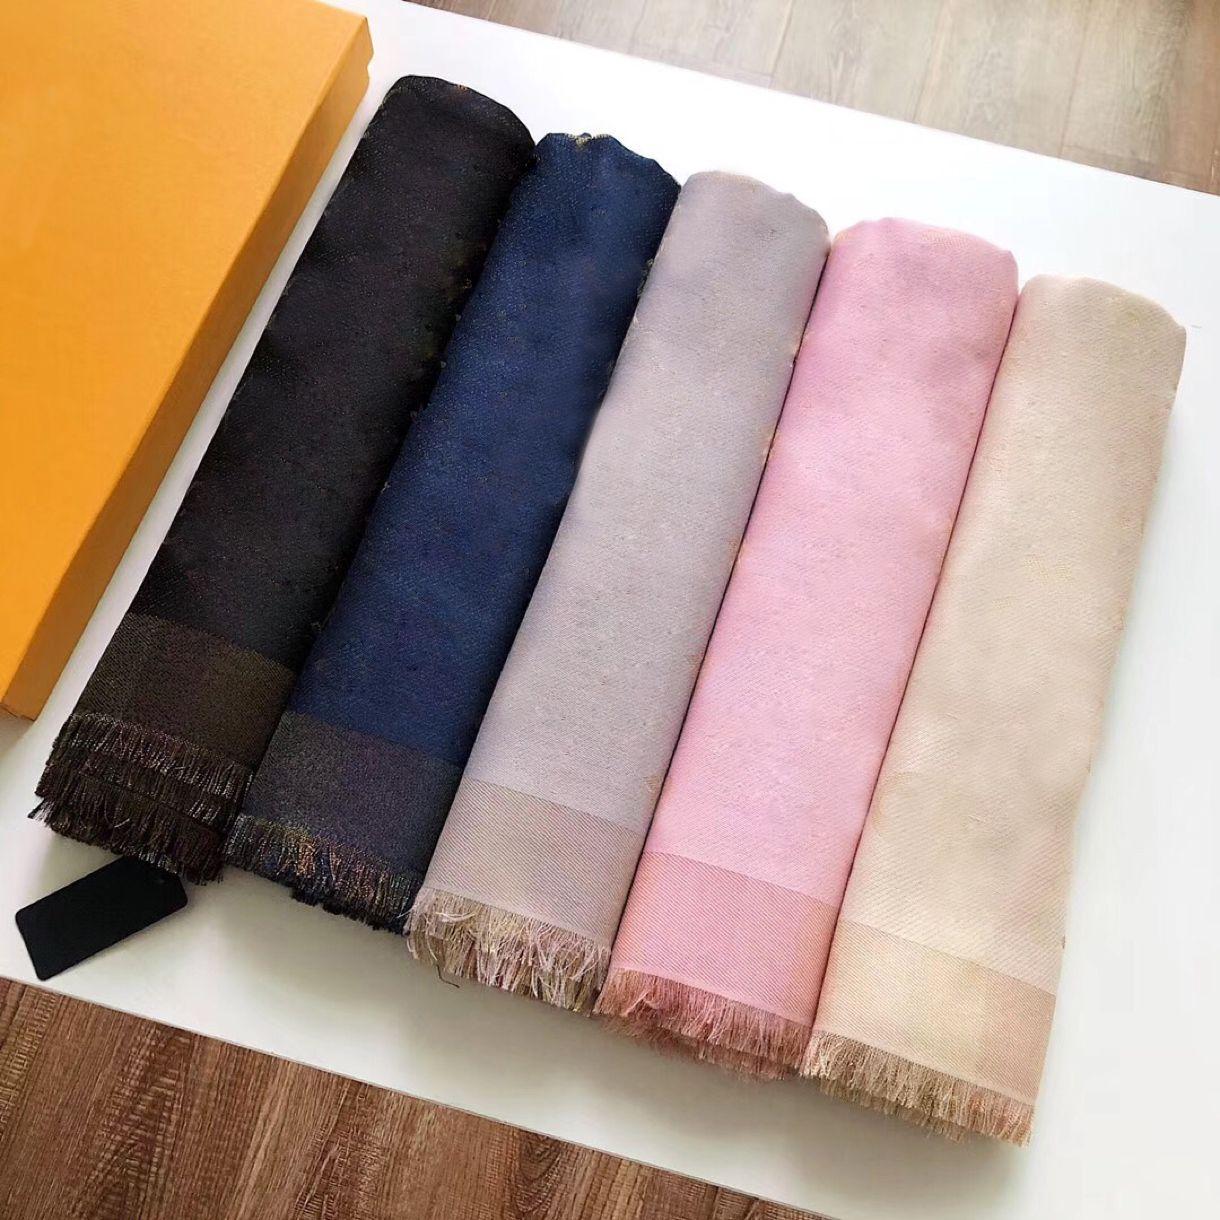 Sciarpa a maglia con sciarpa a maglia da donna di alta qualità Sciarpa a maglia Scialle in cashmere Scialle in cashmere 140 * 140com materiale puro cotone, spedizione gratuita